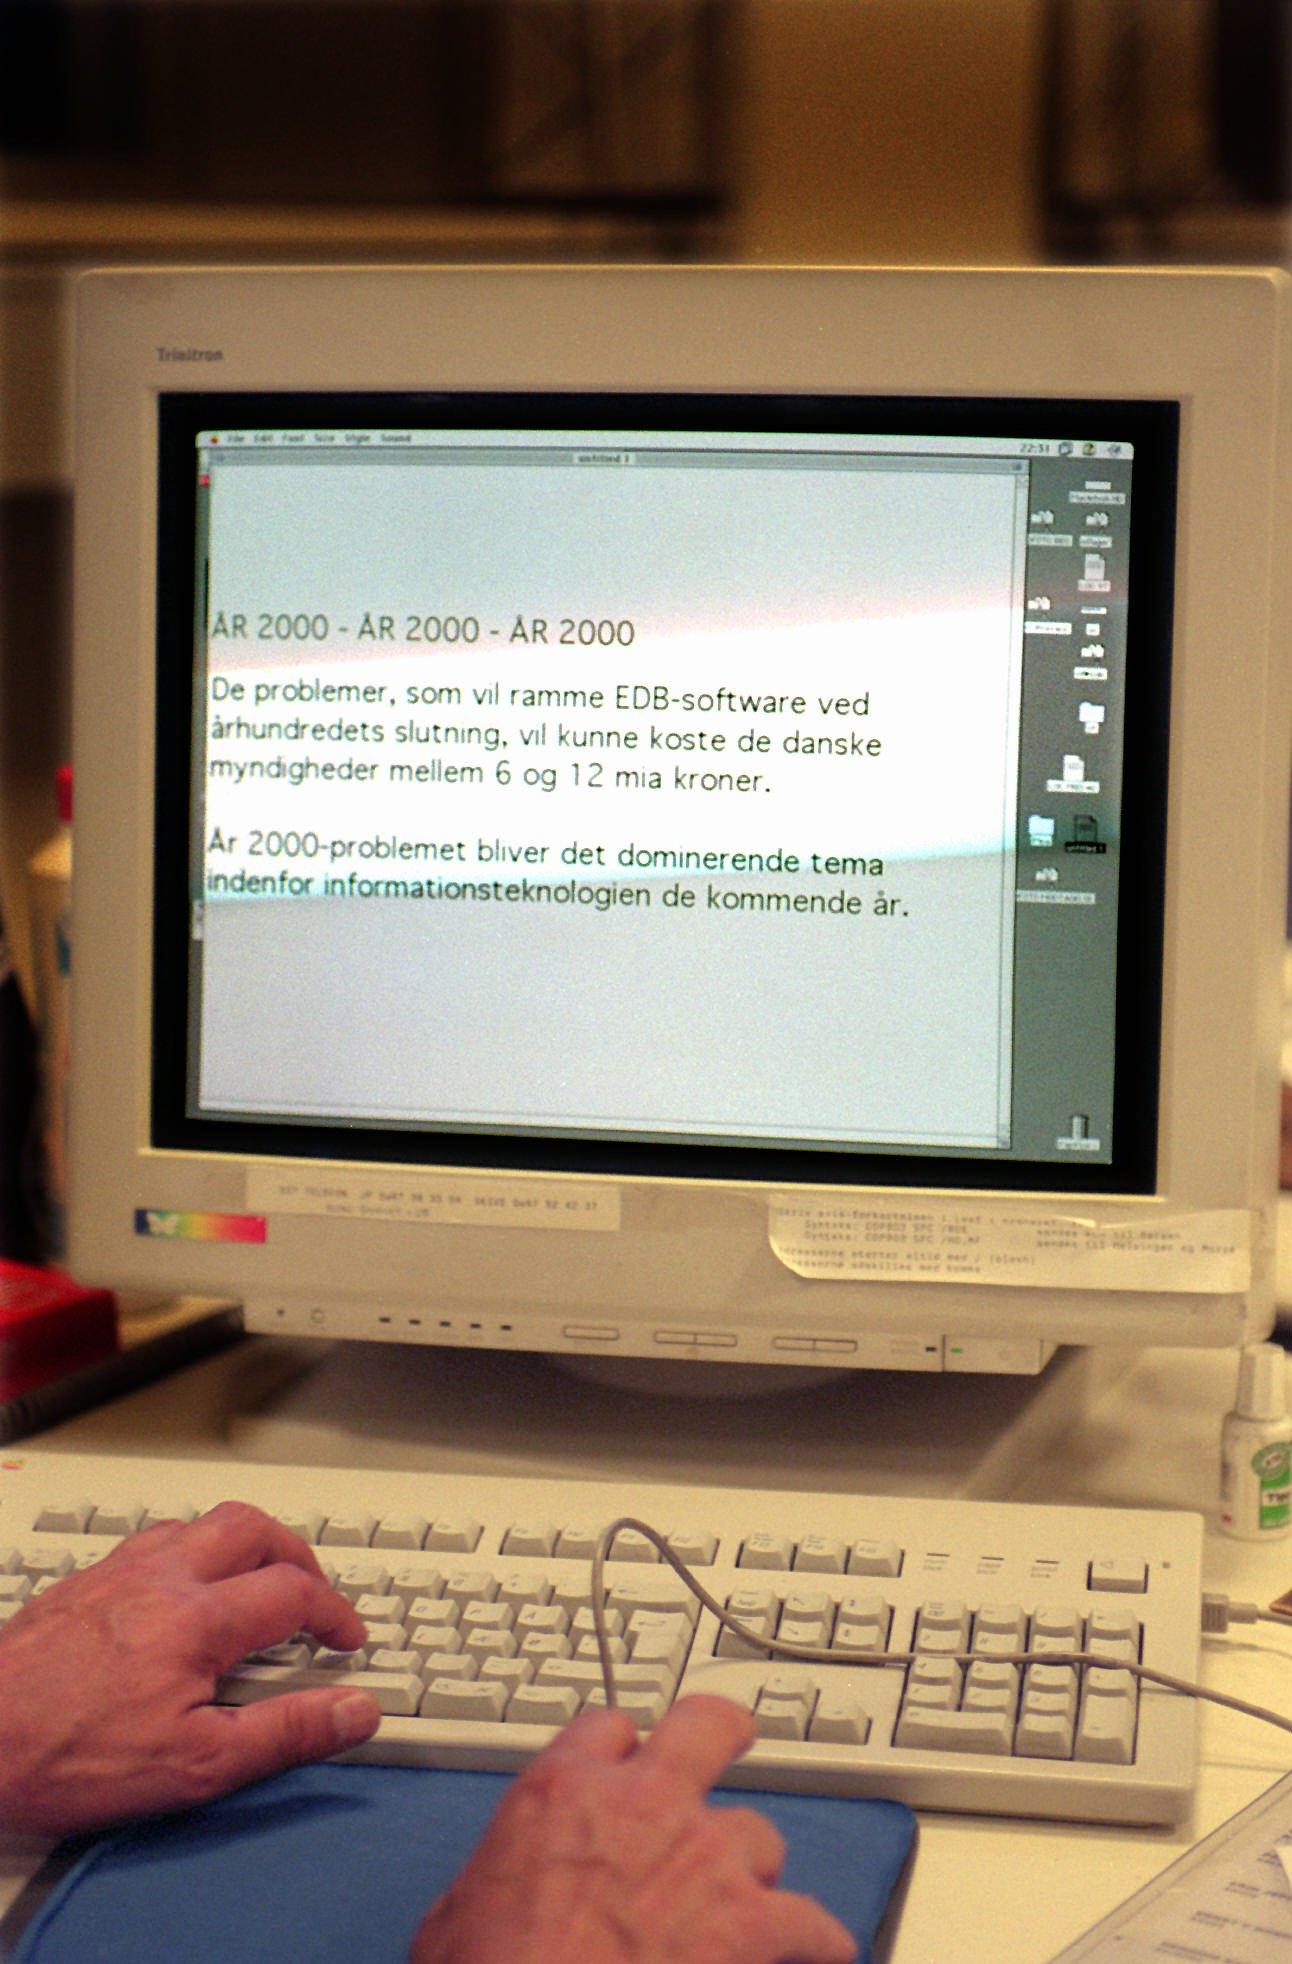 scanpix-19970315-564601-3.jpg